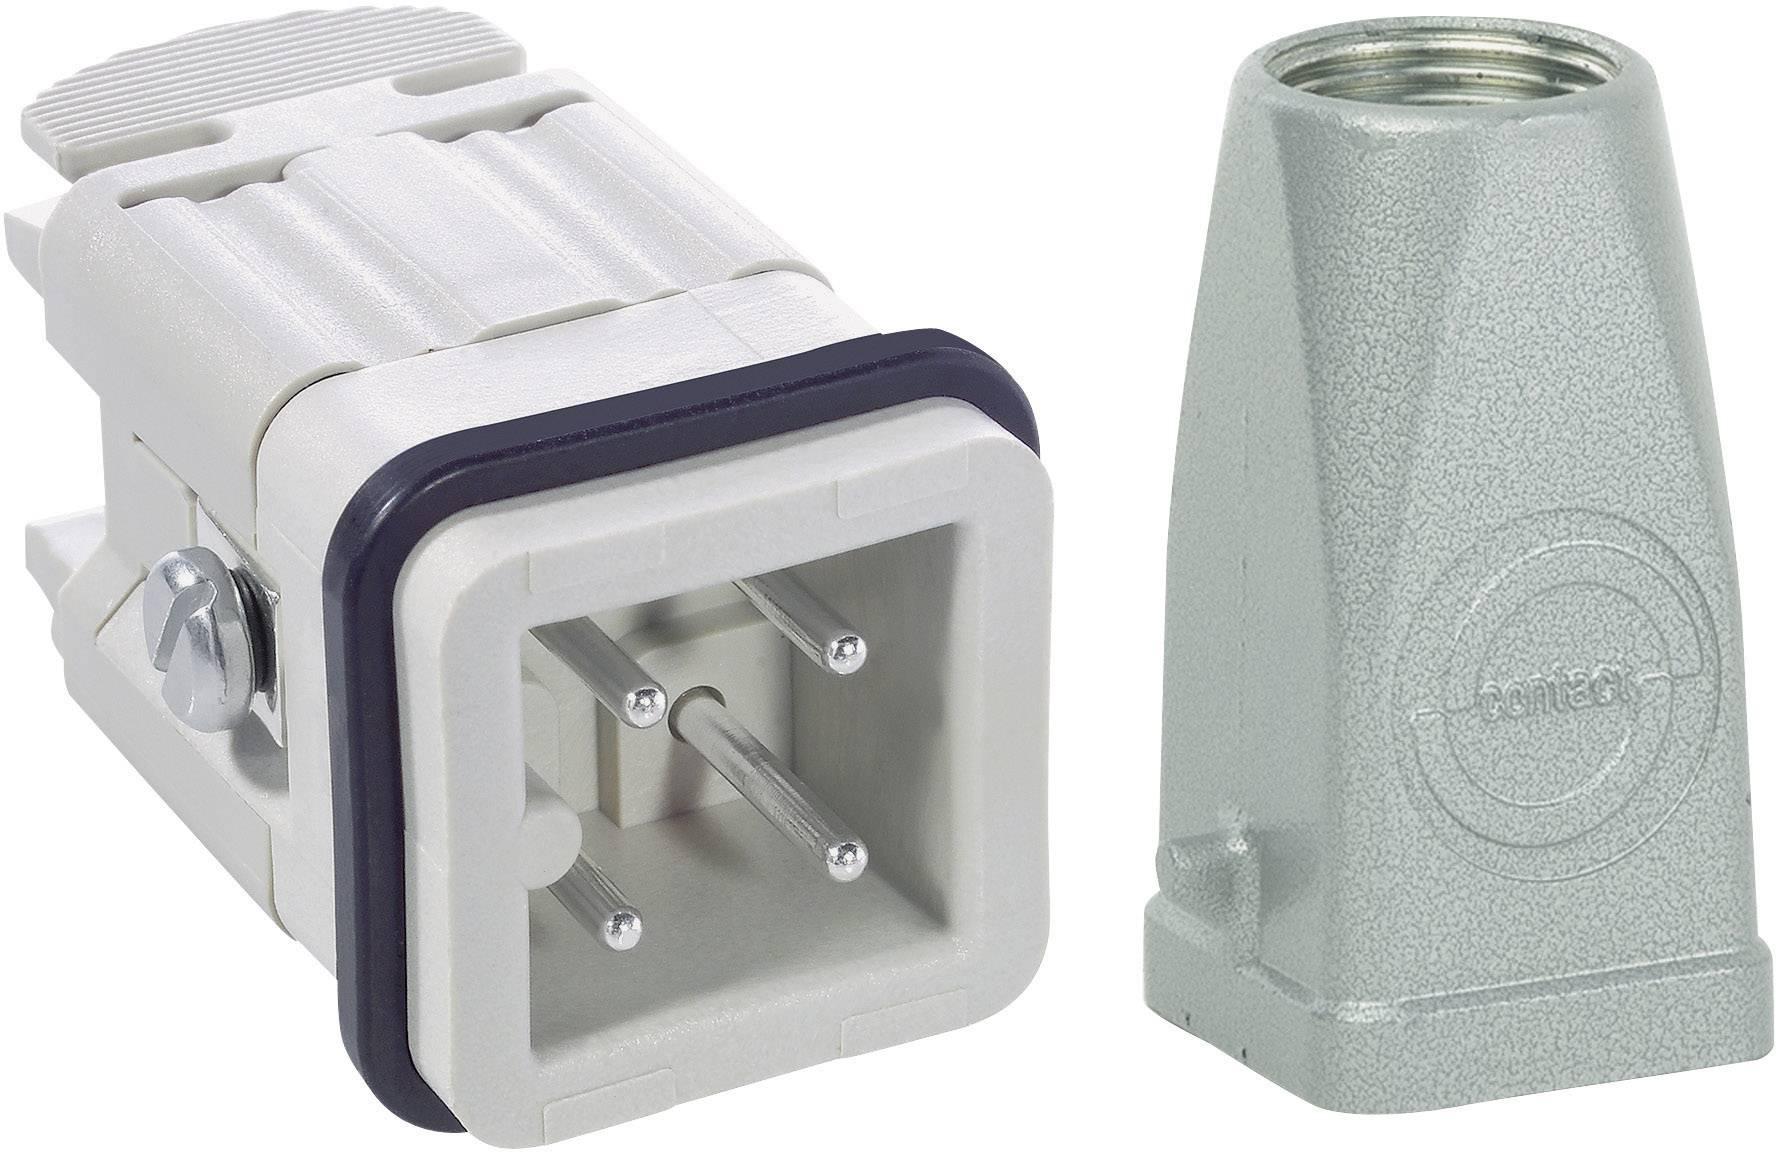 Sada konektorů EPIC®KIT H-A 3 75009602 LAPP 3 + PE šroubovací 1 sada